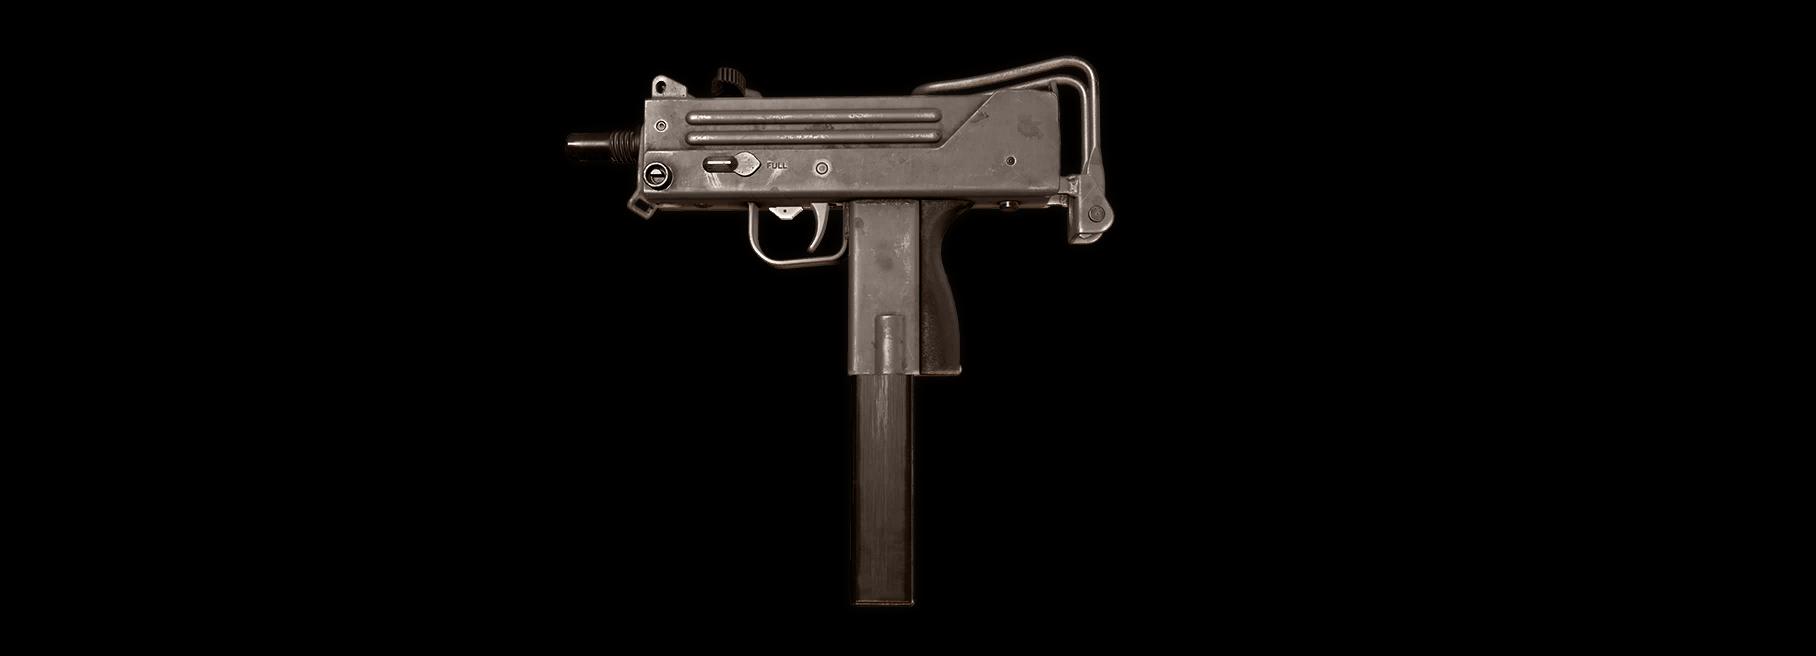 Image of MAC-10